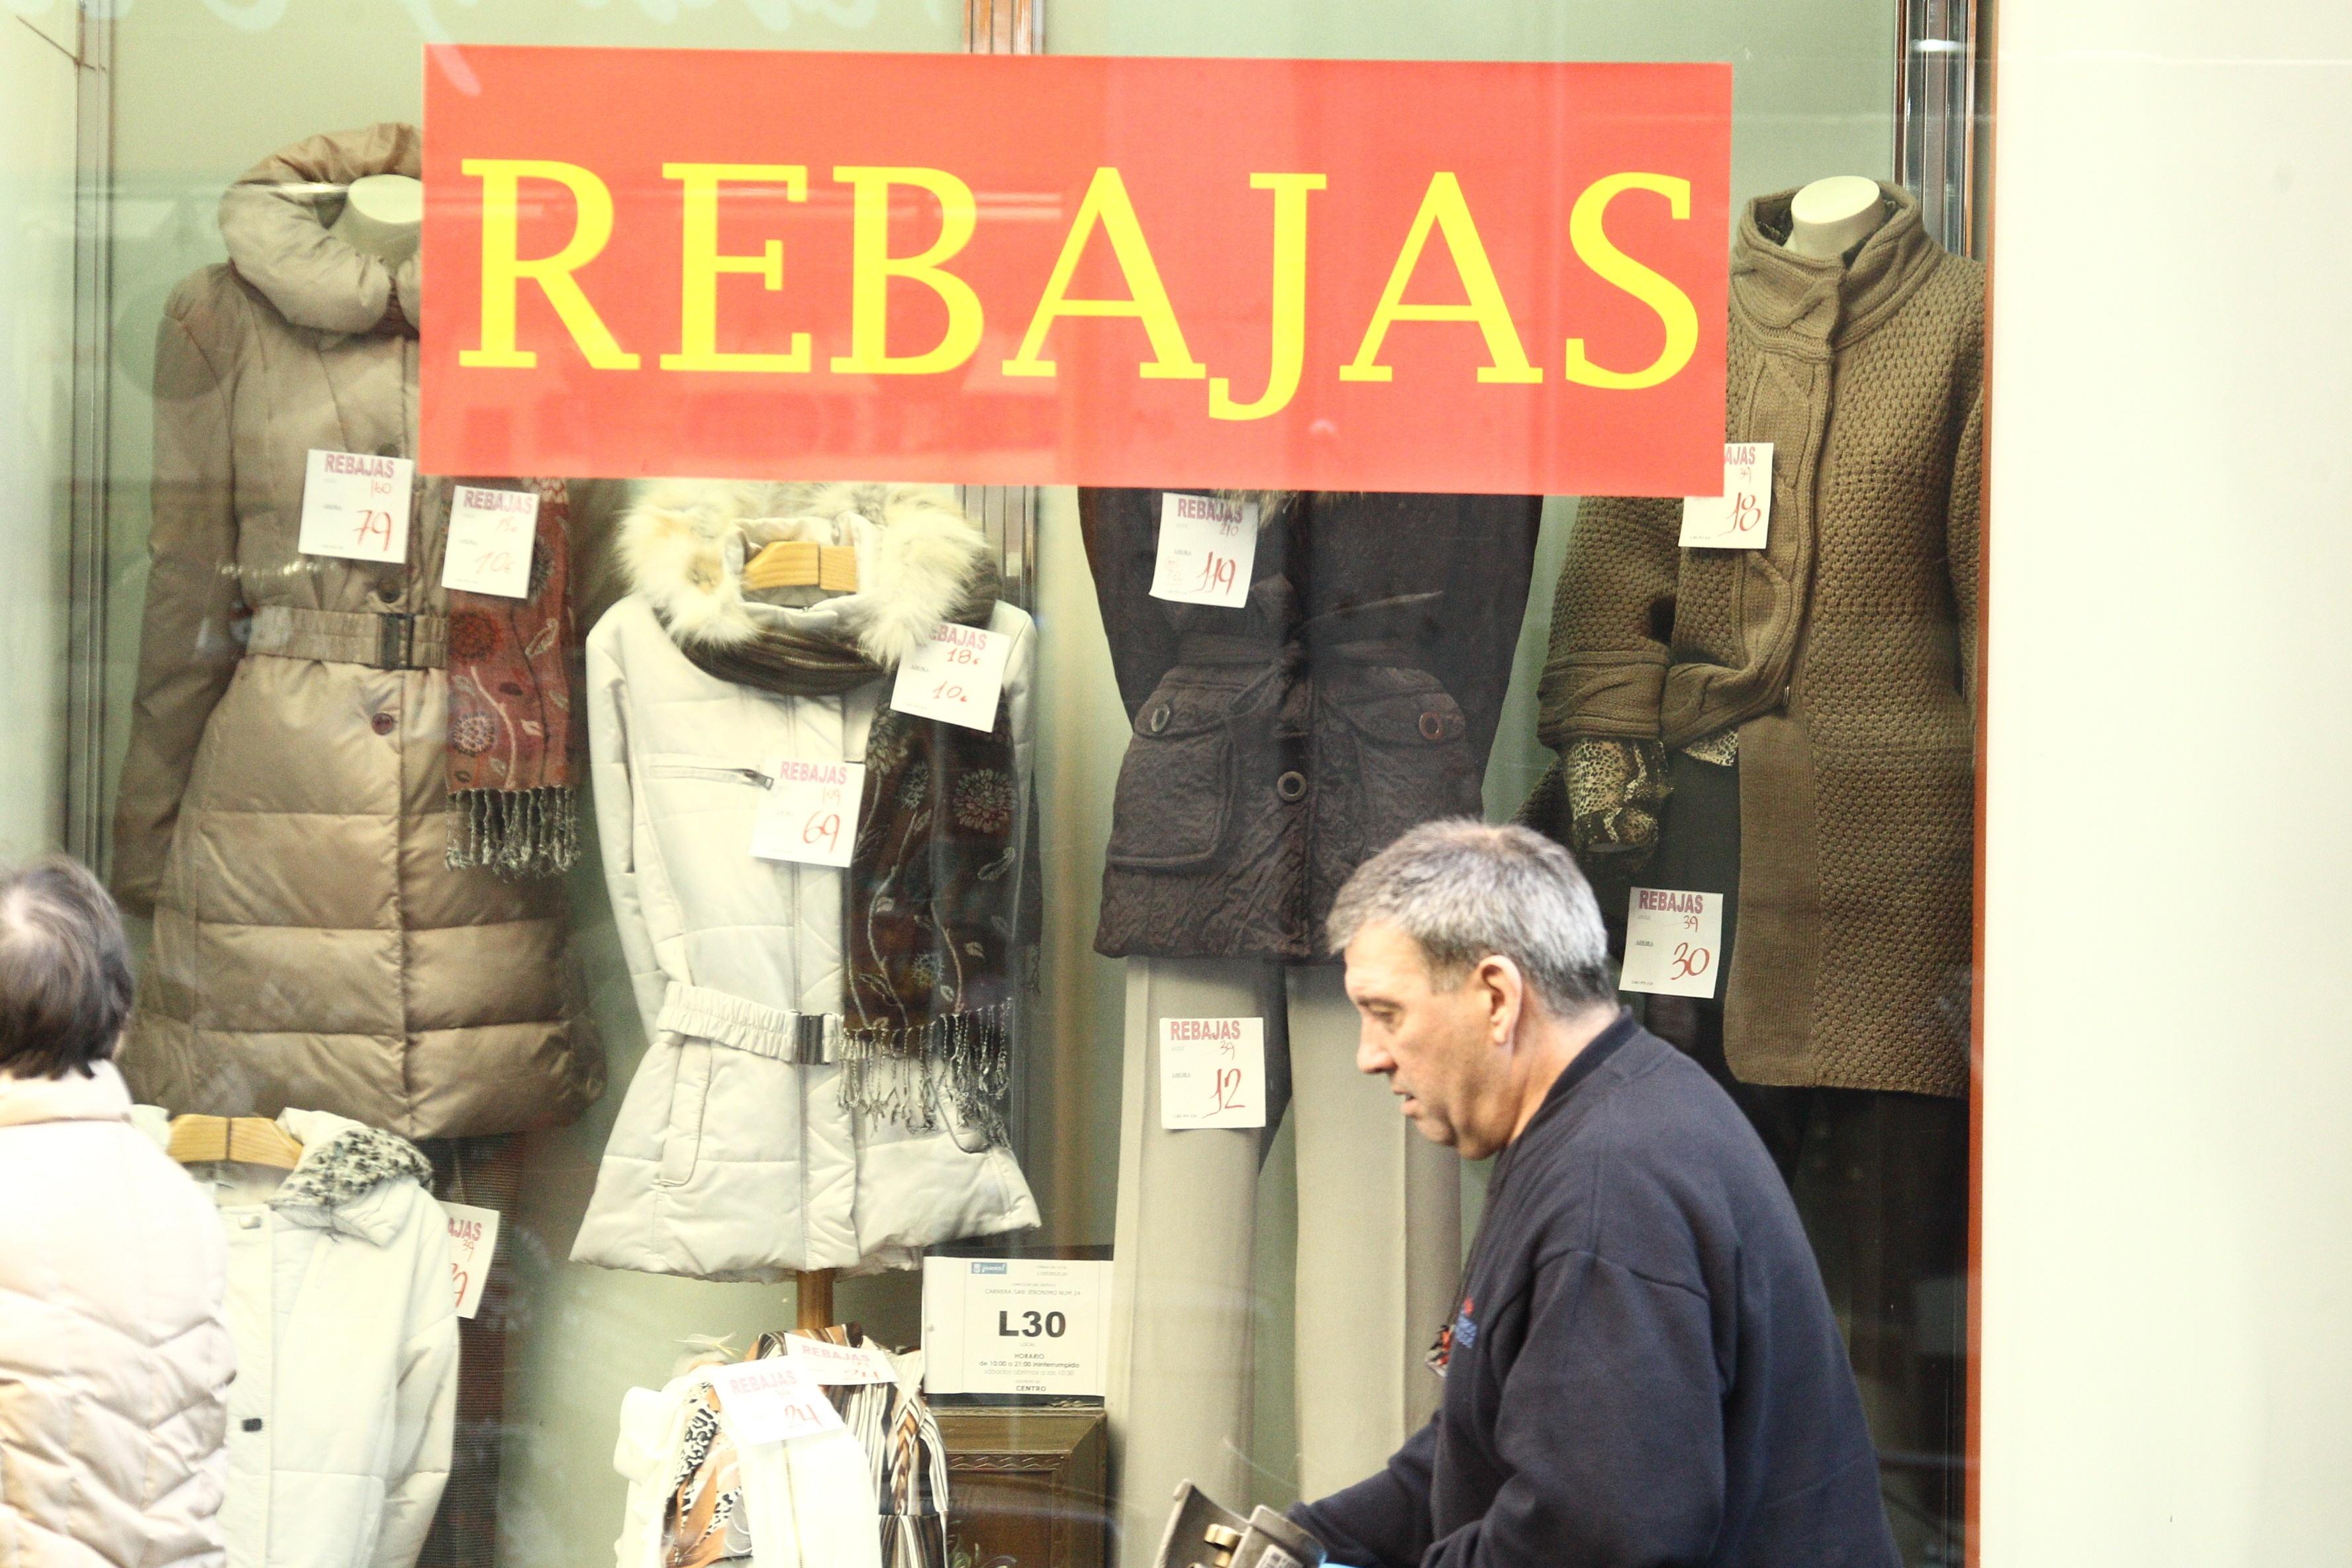 Los cántabros gastarán 68 euros de media en las rebajas de verano, un 17% más que en 2012